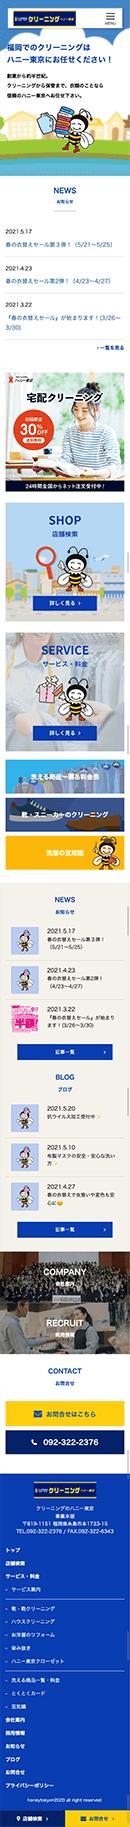 Webマーケティング_制作実績_有限会社ナカムラ_ハニー東京_3